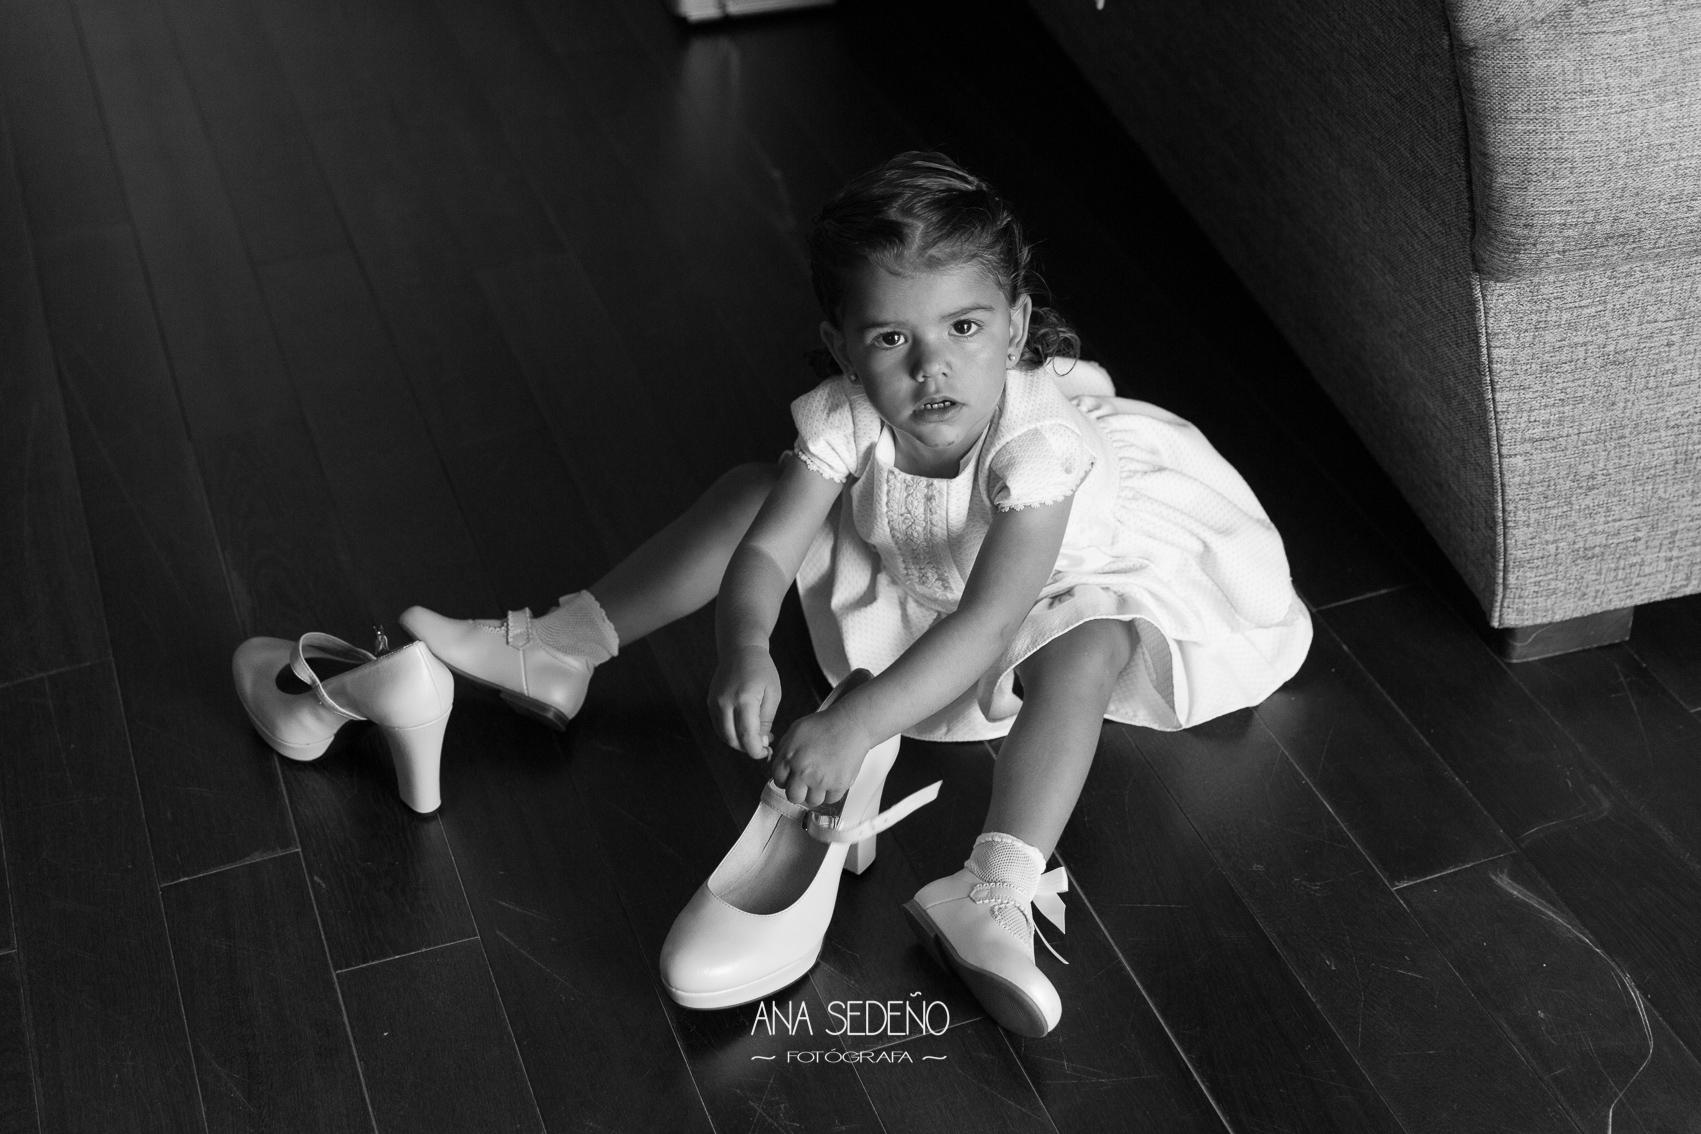 Ana Sedeño Fotografa.-BJ&R-0199